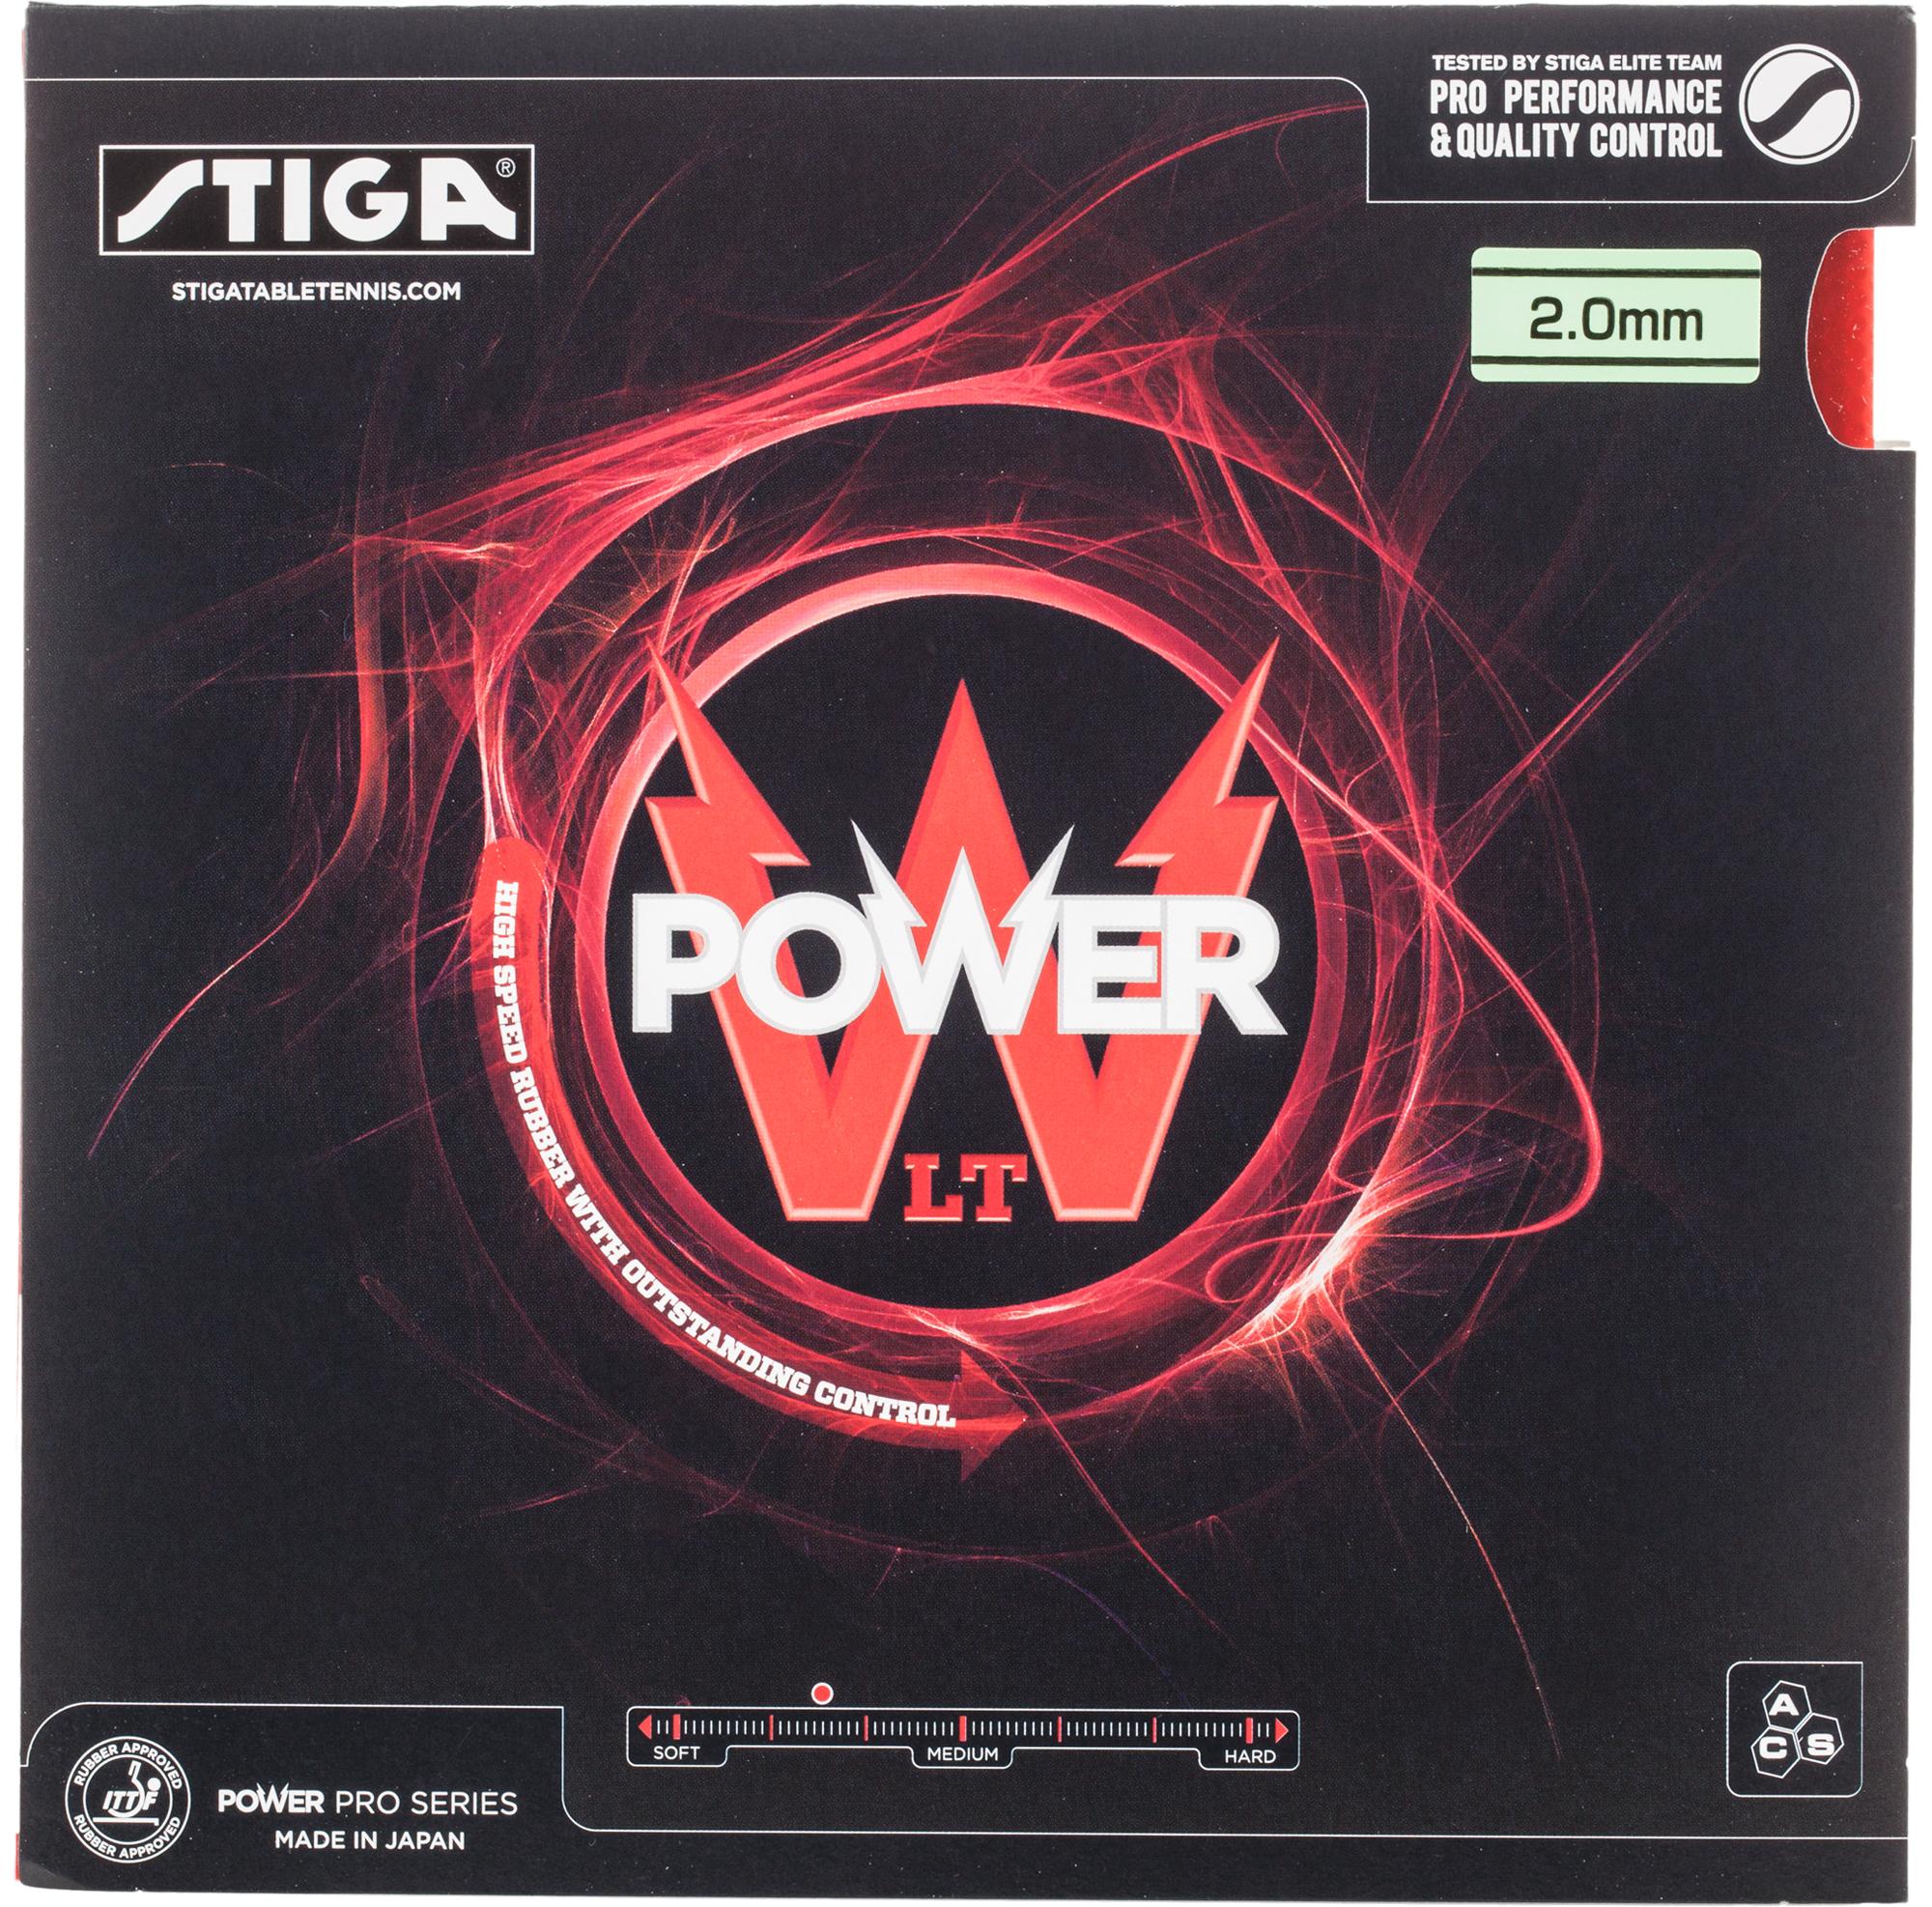 Stiga Накладка для настольного тенниса Stiga Power LT цена